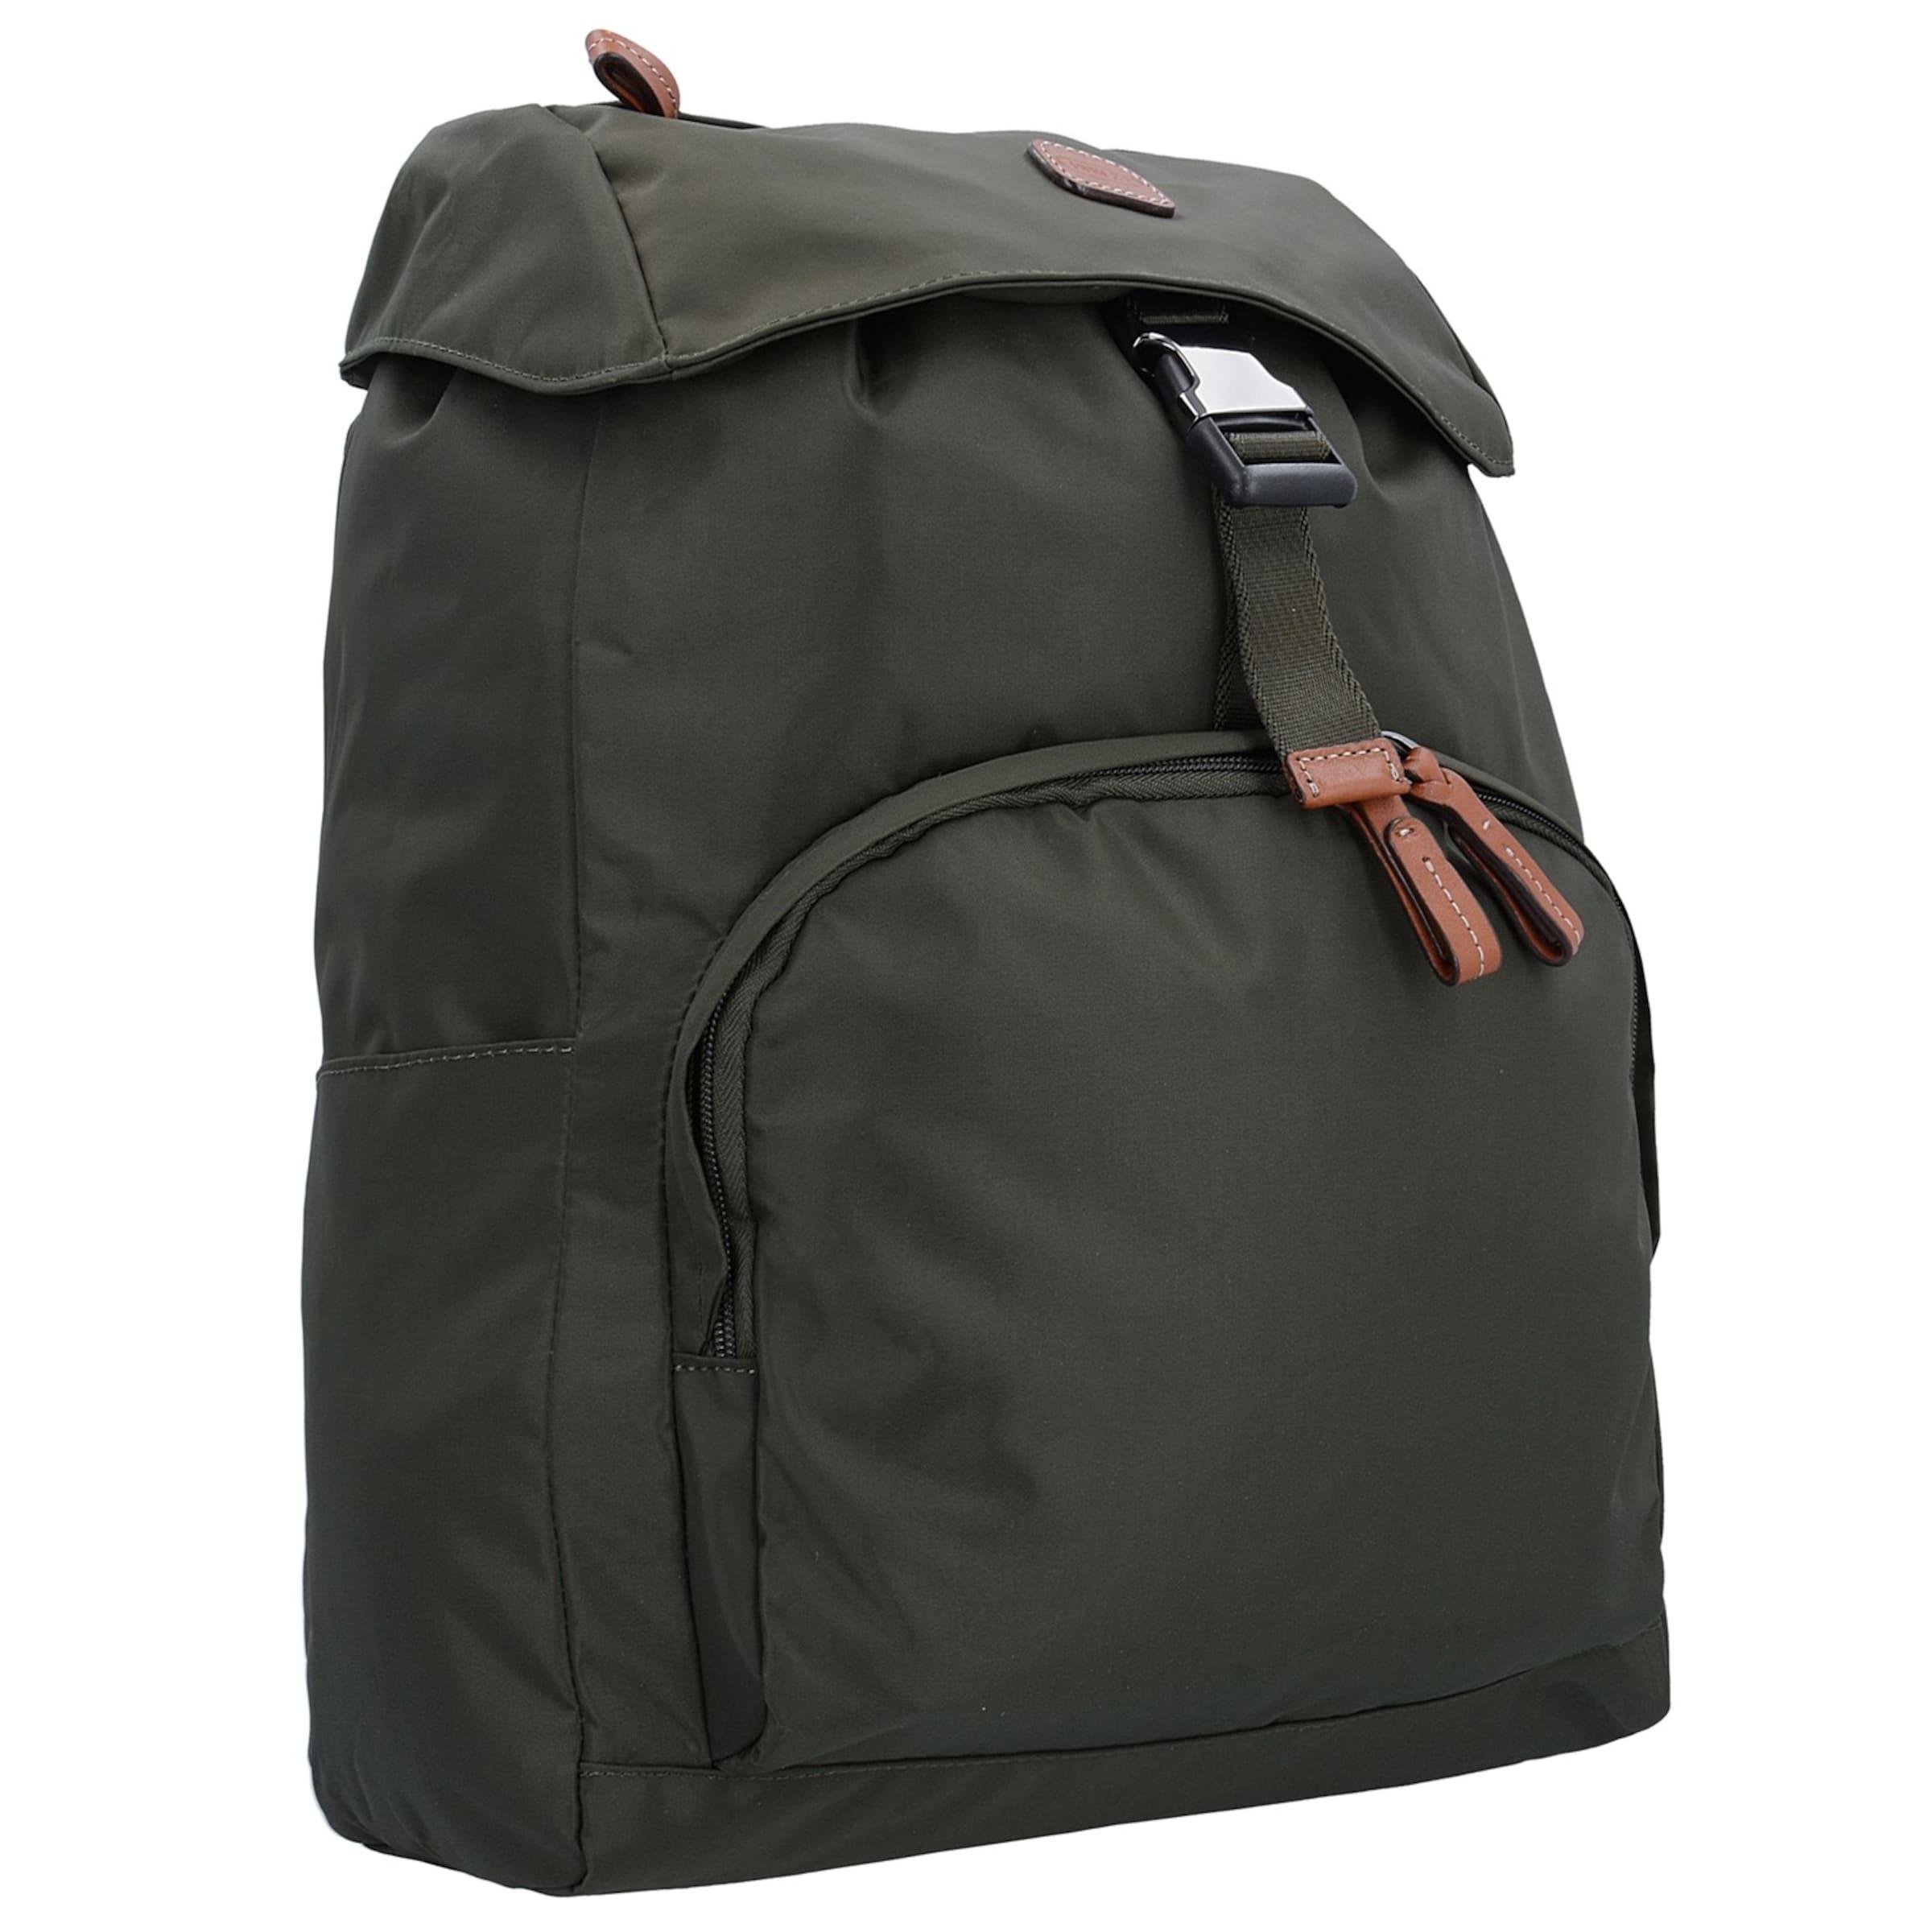 Günstiger Preis Niedrig Versandgebühr Bric's X-Travel Ruecksack 39 cm Laptopfach Billige Auslass Auslass-Angebote Günstig Kaufen Echt fipH5PgzaM